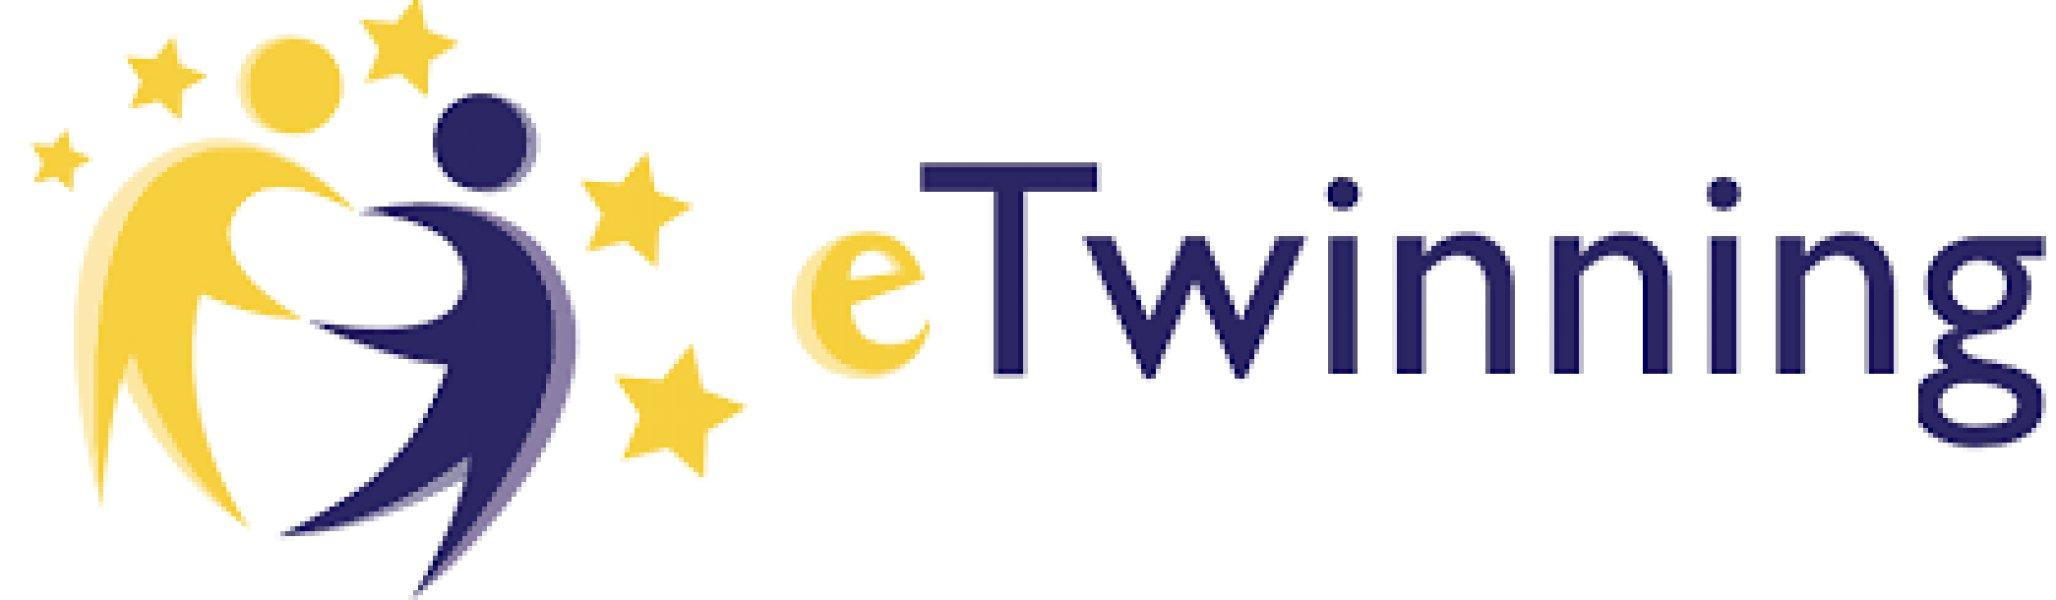 Yürütülen eTwinning Projelerimiz